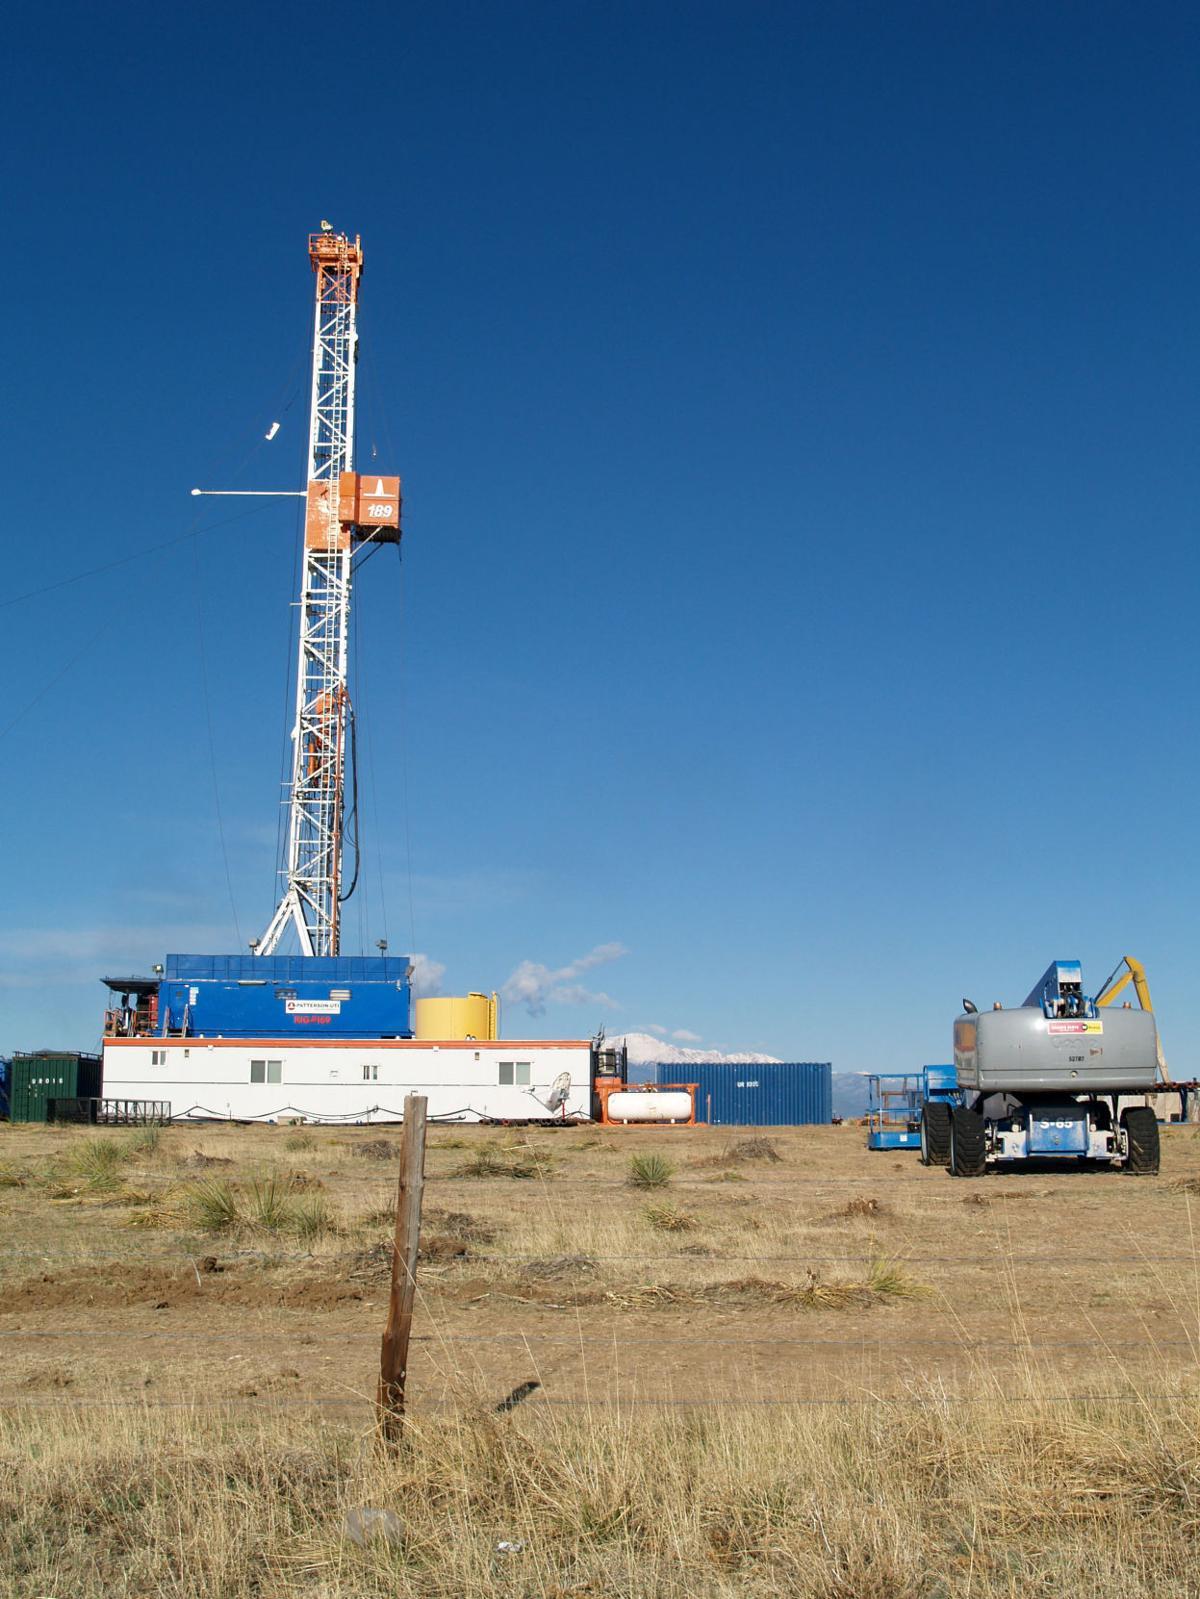 The key ingredient in oil drilling? Water | Colorado Springs